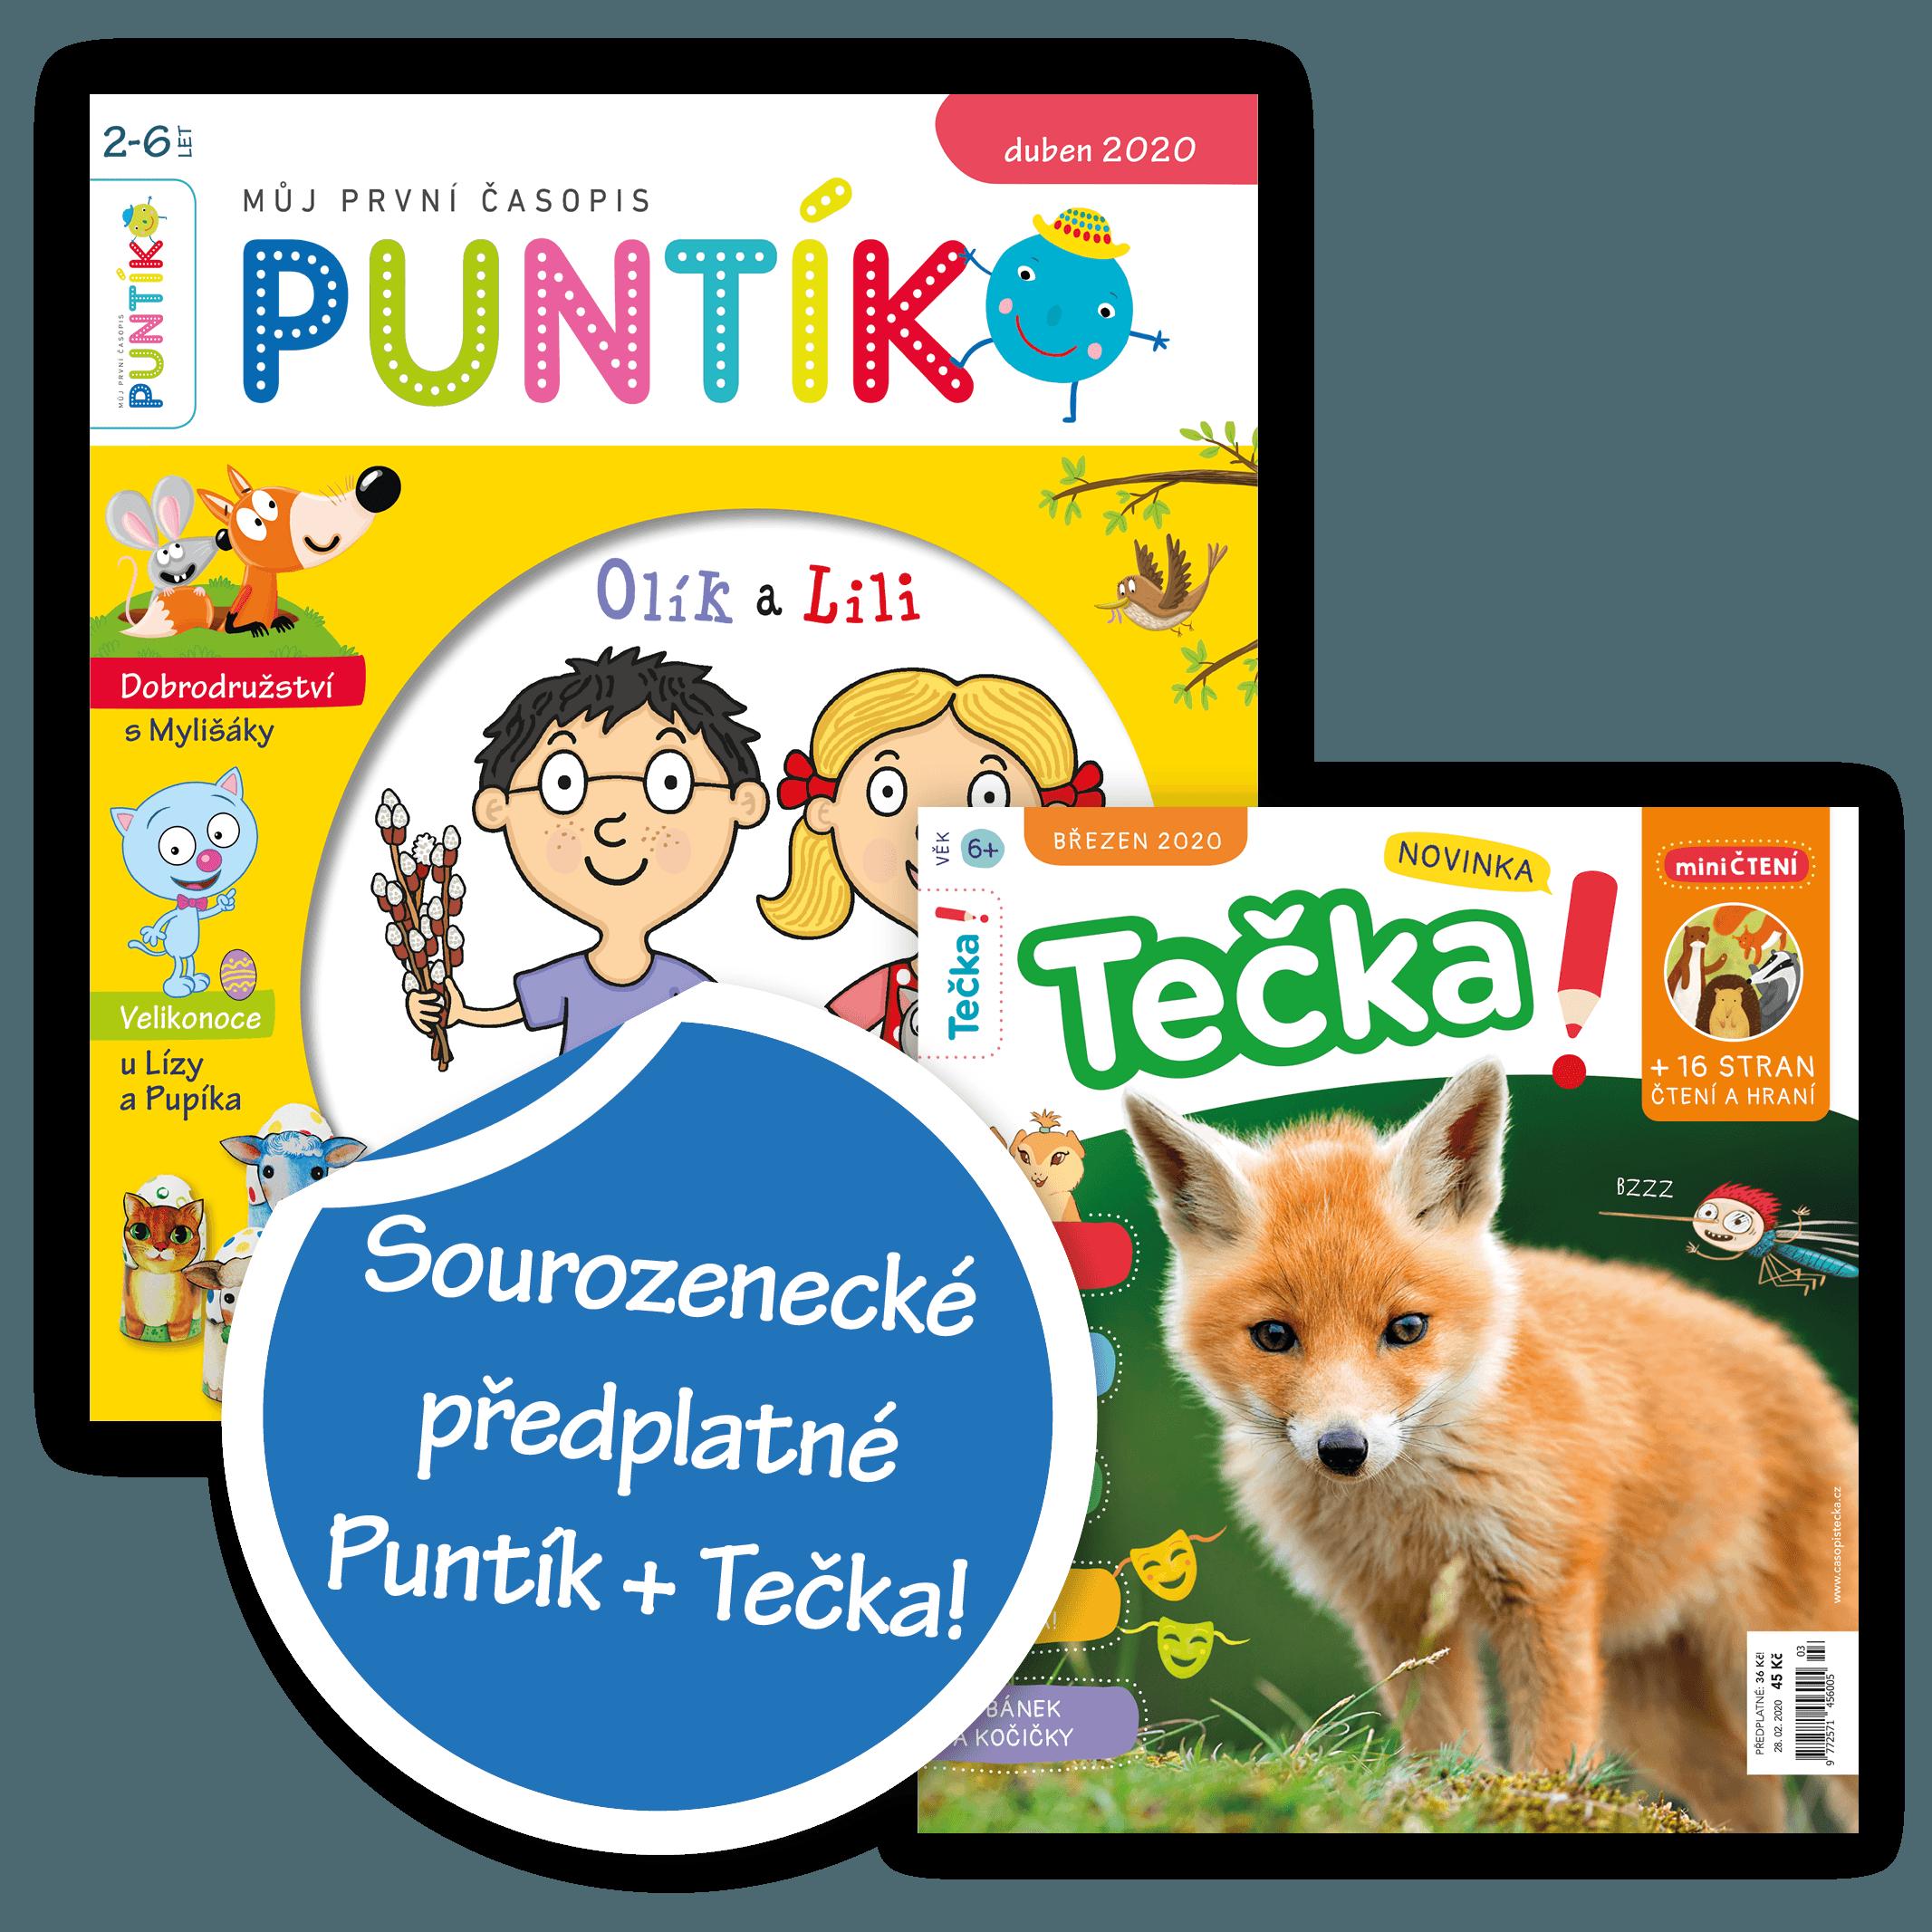 Sourozenecké předplatné Puntík + Tečka!